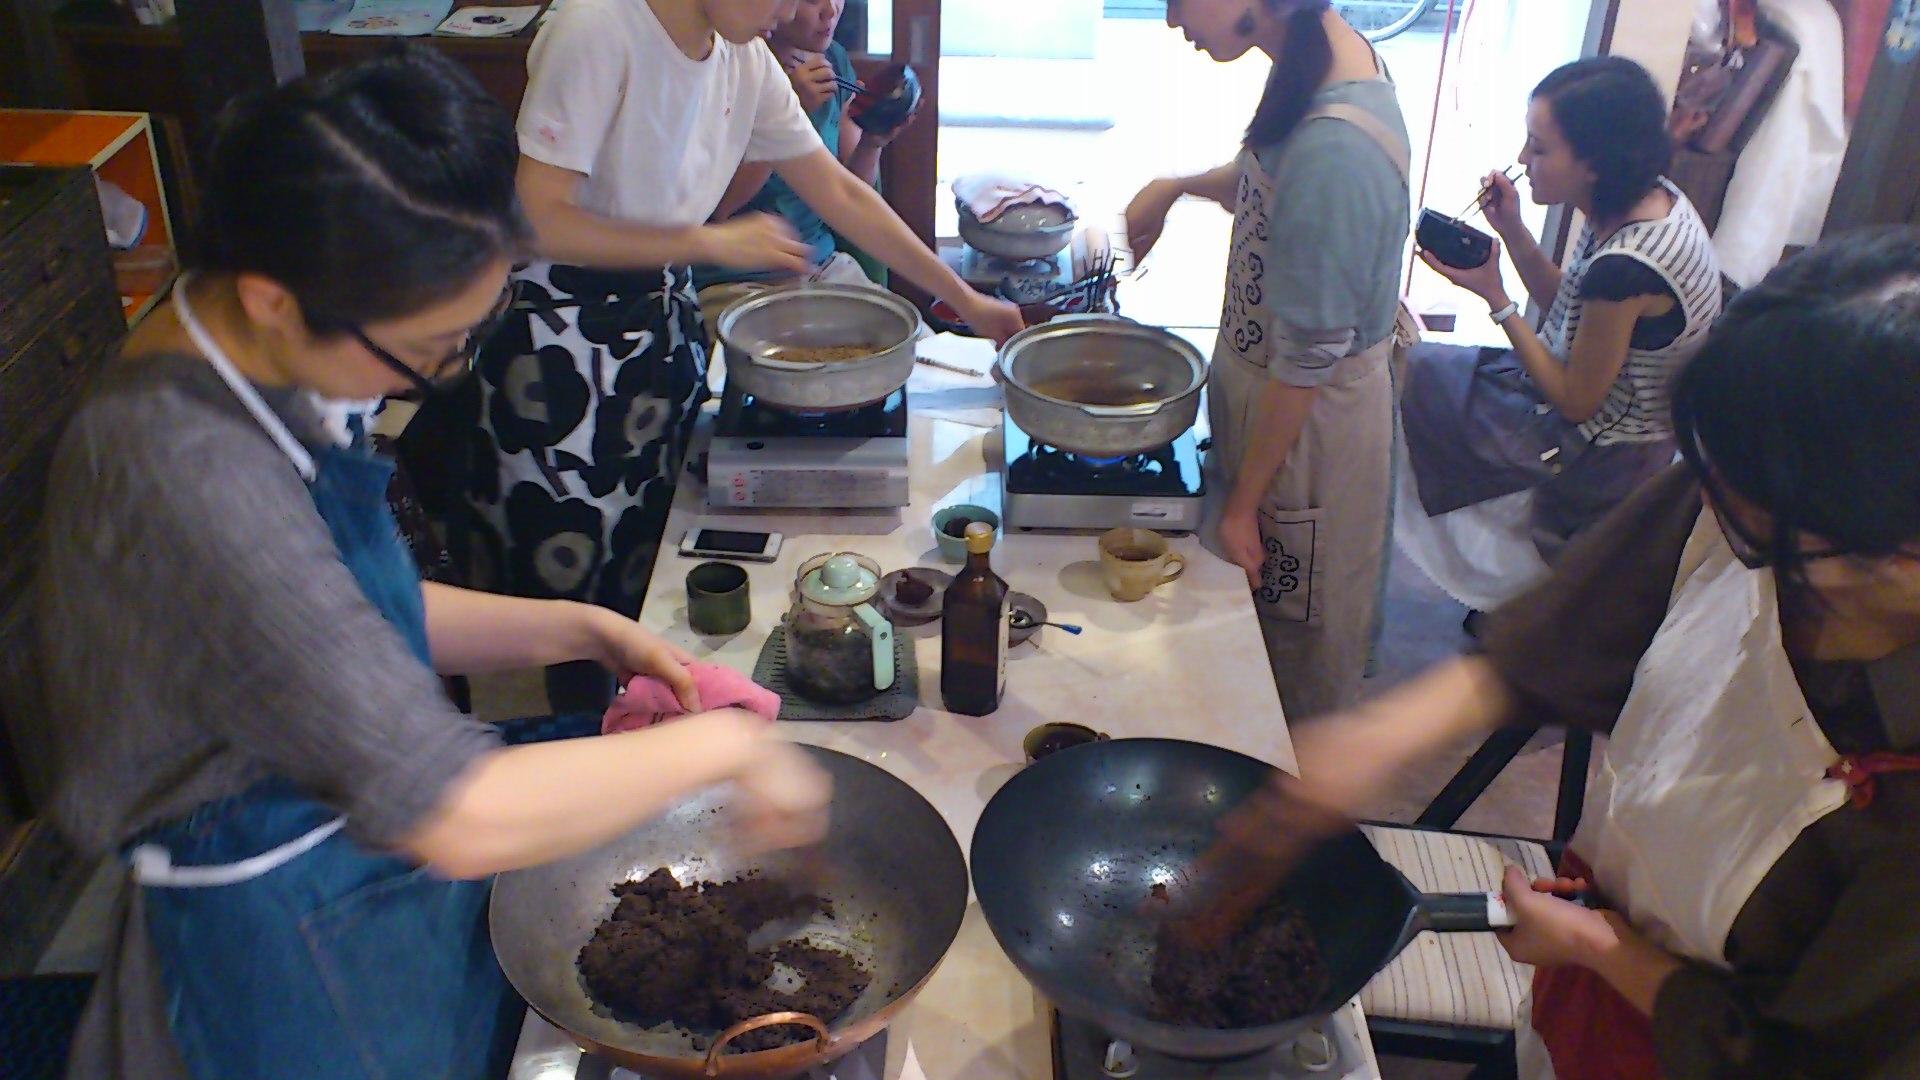 もみ付き黒炒り玄米と鉄火味噌作り@冨貴工房